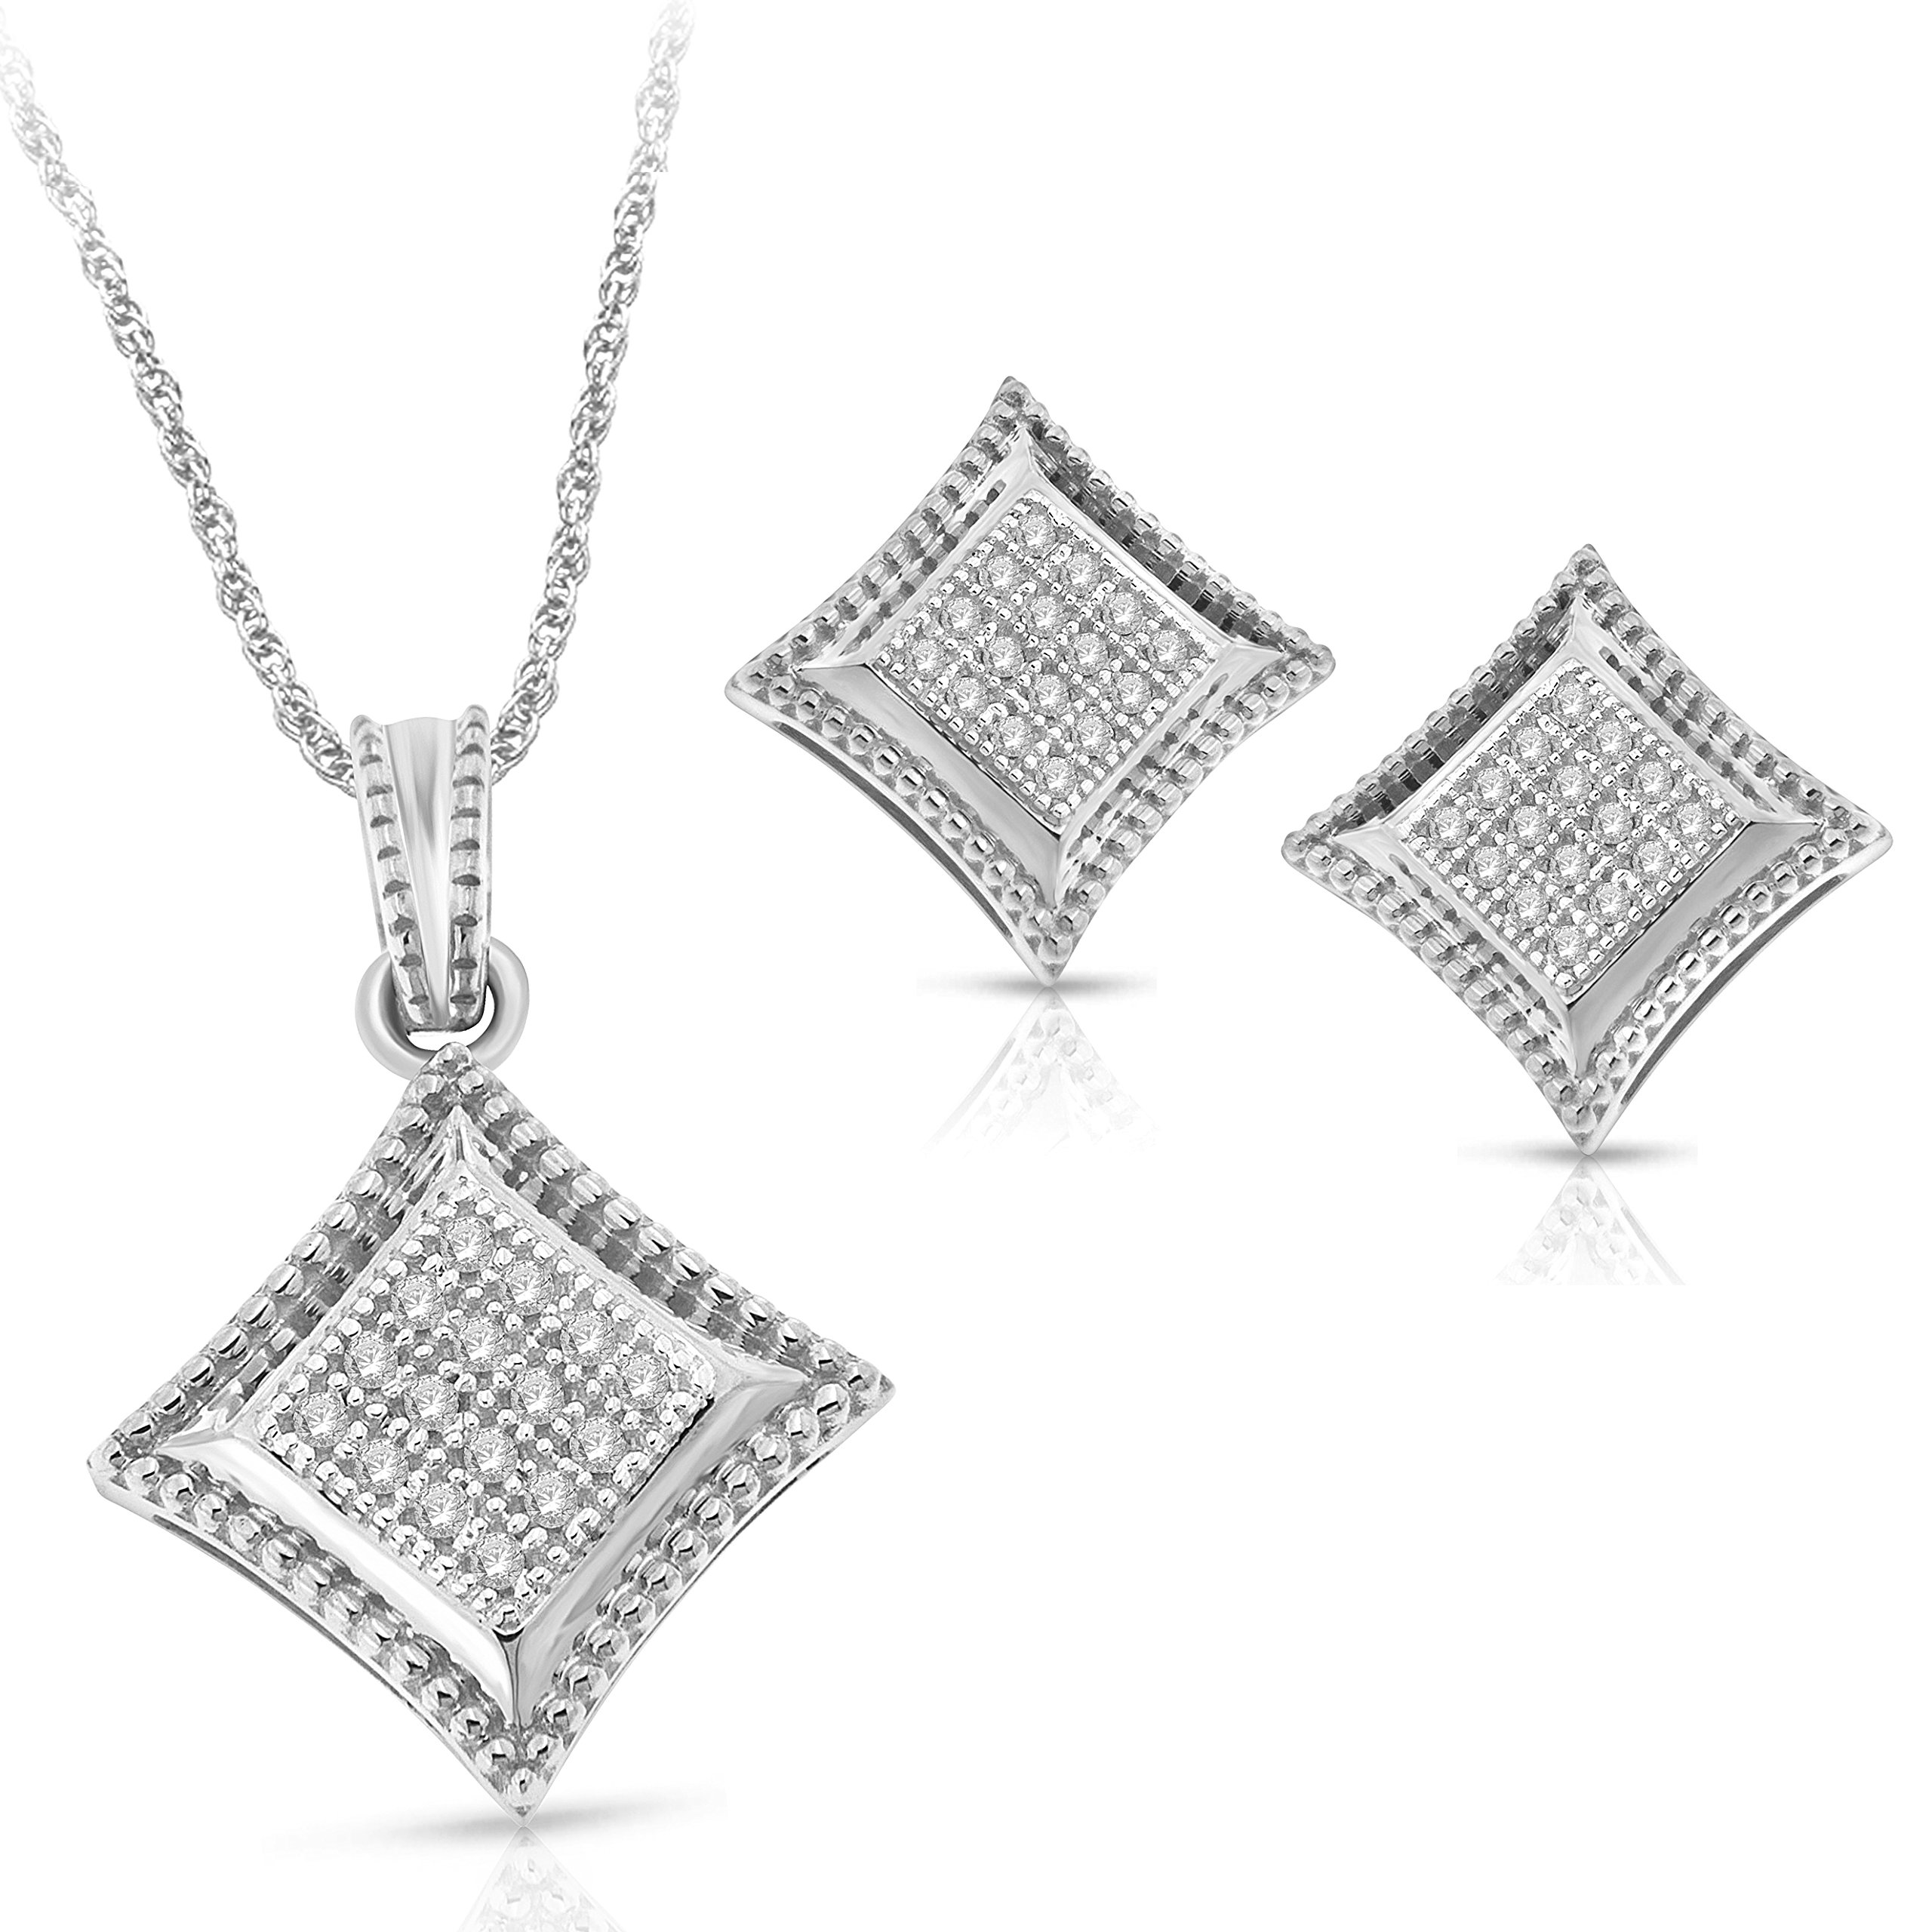 NATALIA DRAKE Blowout Sale 1/5cttw Kite Shape Diamond Pendant & Earring Set